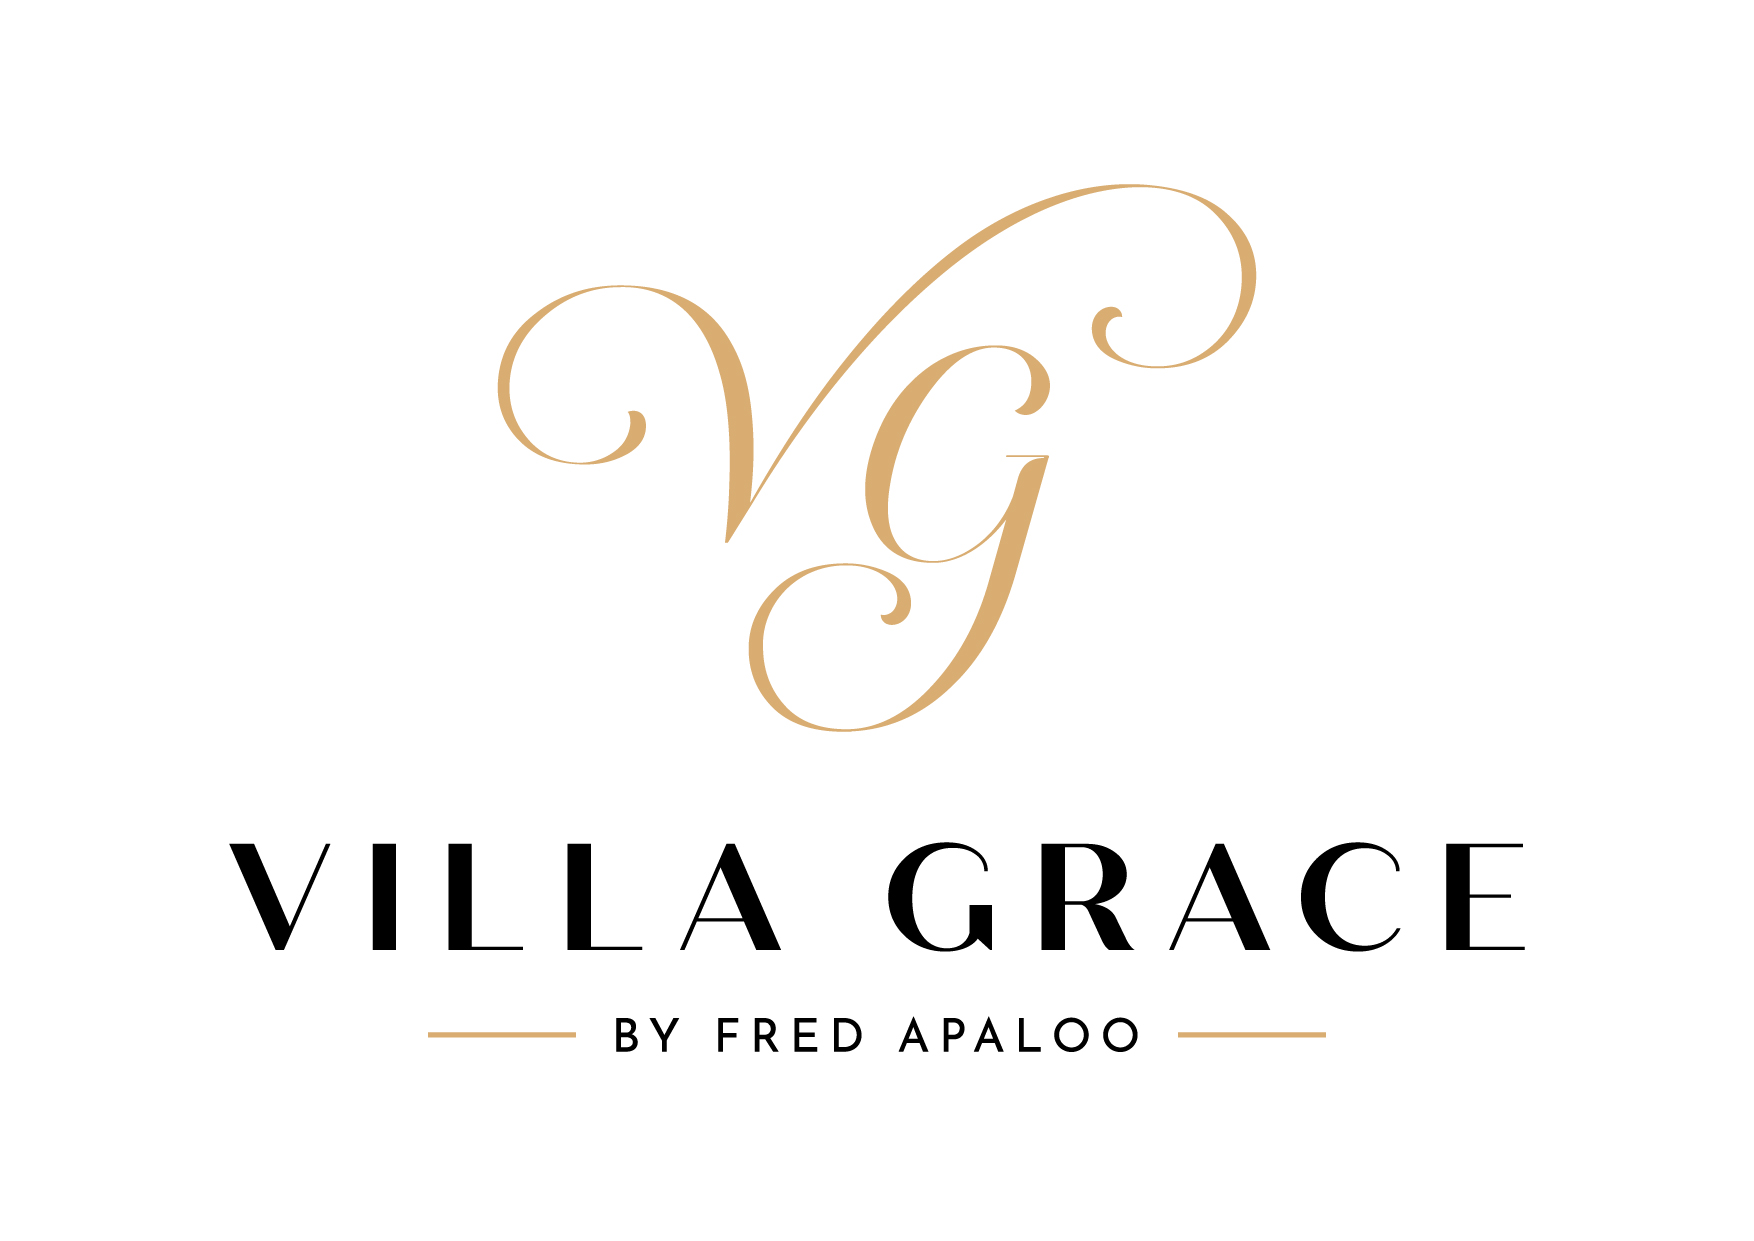 villagrace-branding-1-05